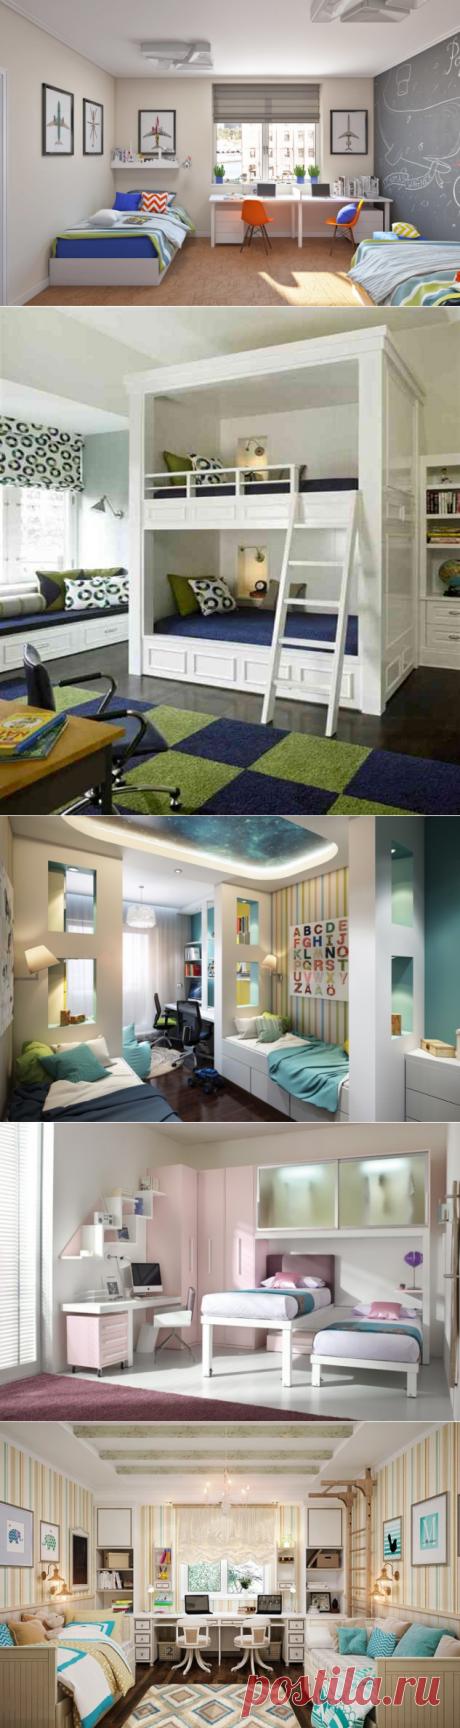 Свежие идеи для обустройства детской комнаты для двух детей | Мой дом